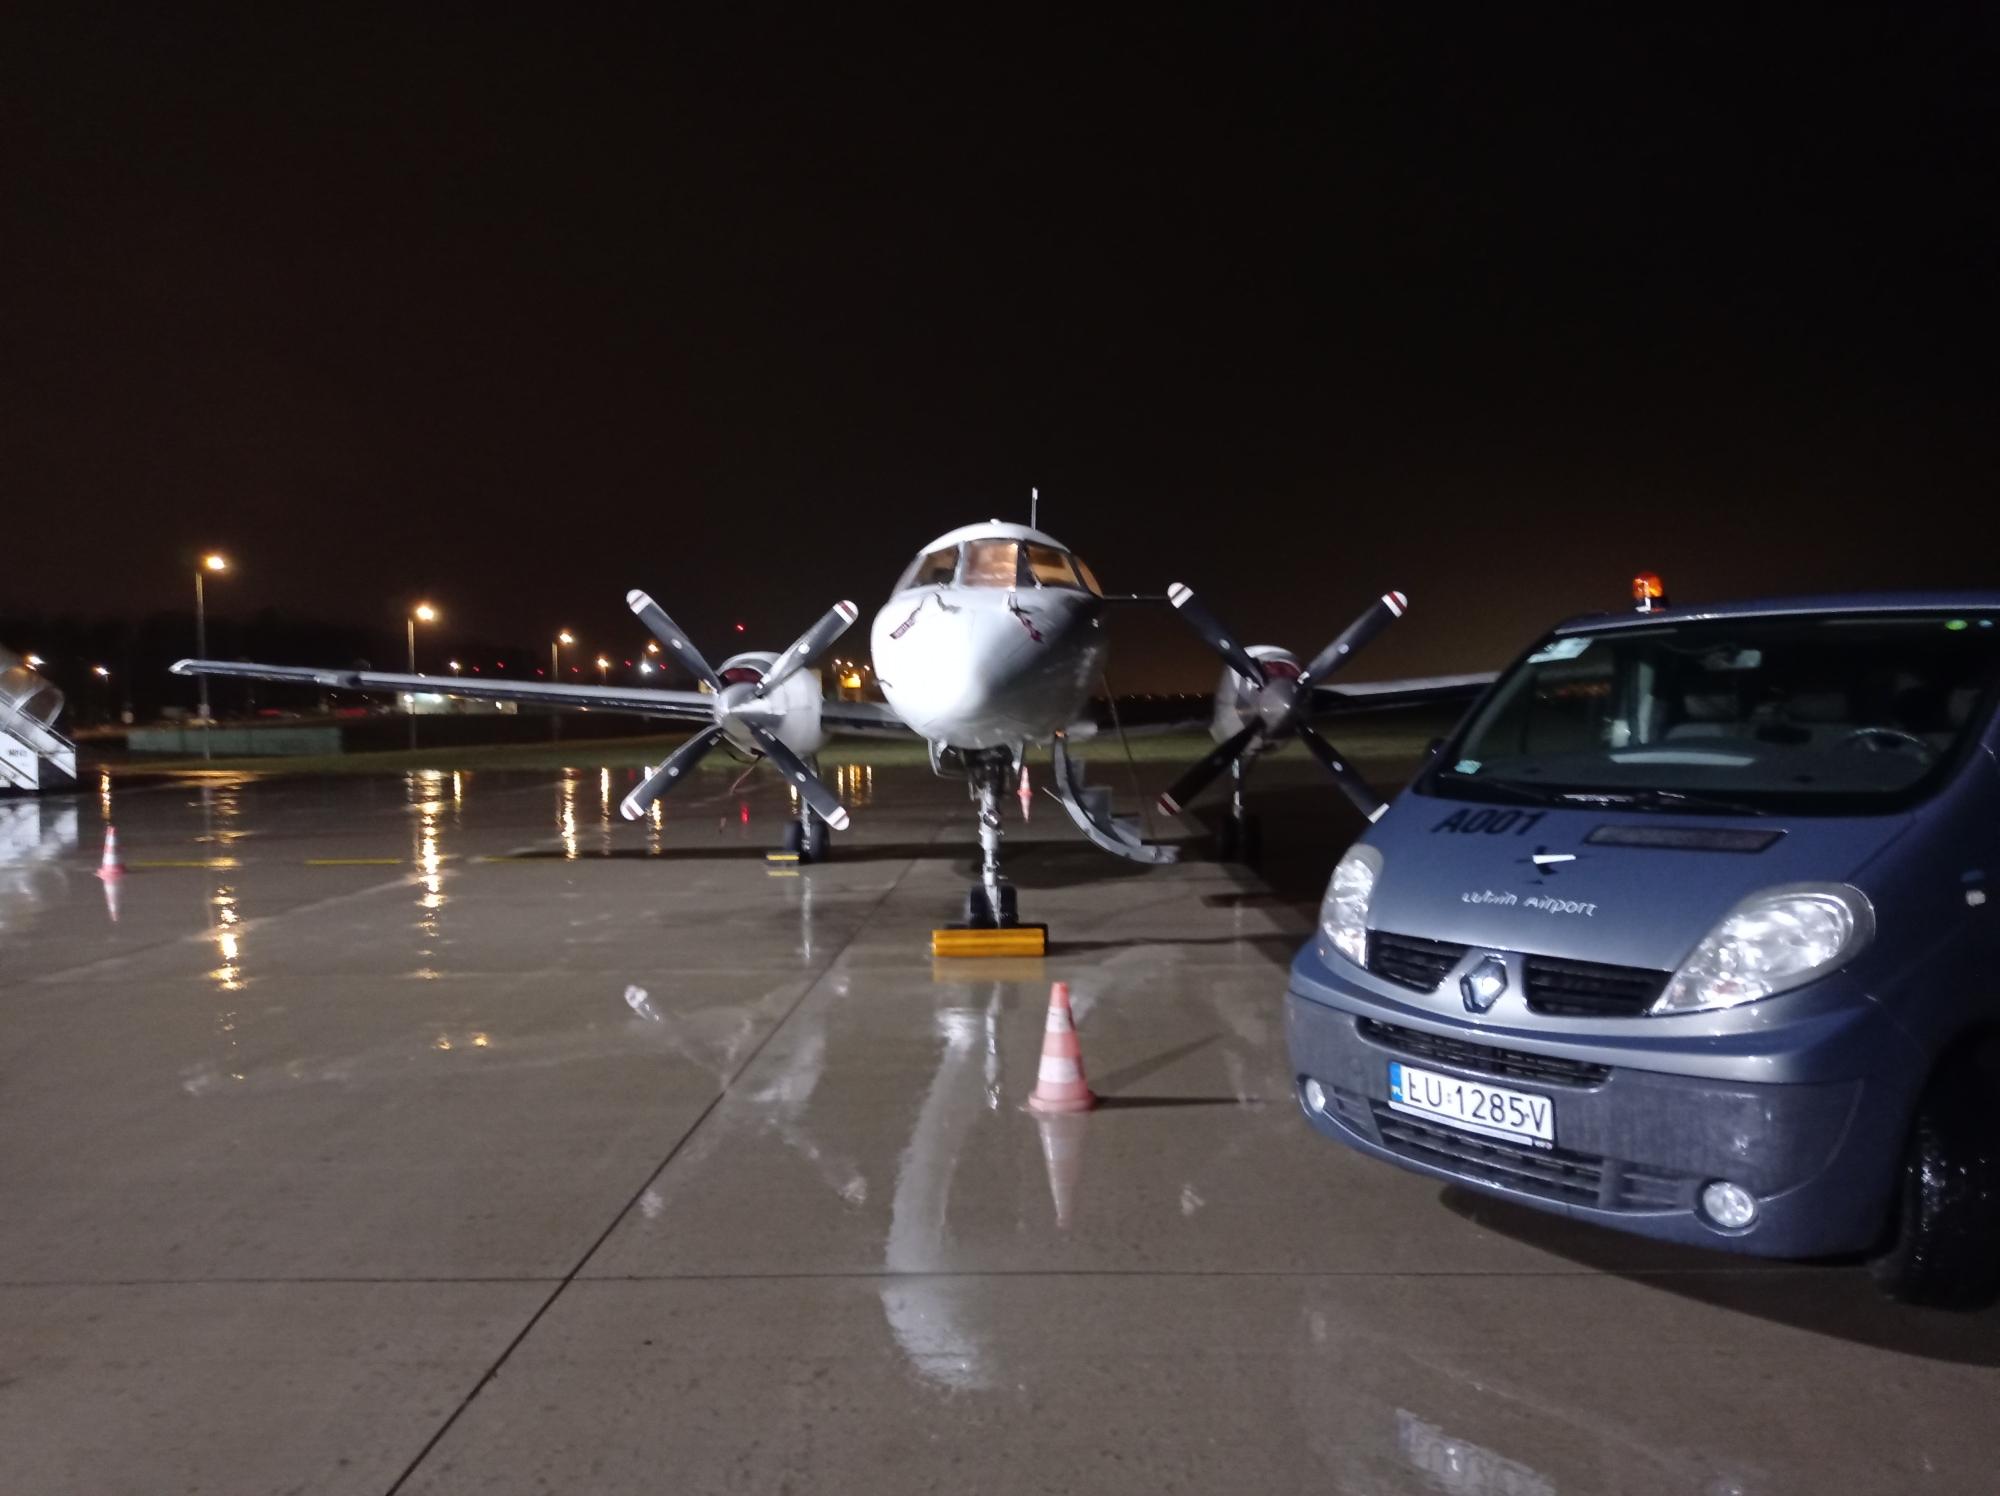 Port Lotniczy Lublin rozwija usługę cargo. Przyjął nocny transport z Hiszpanii - Zdjęcie główne